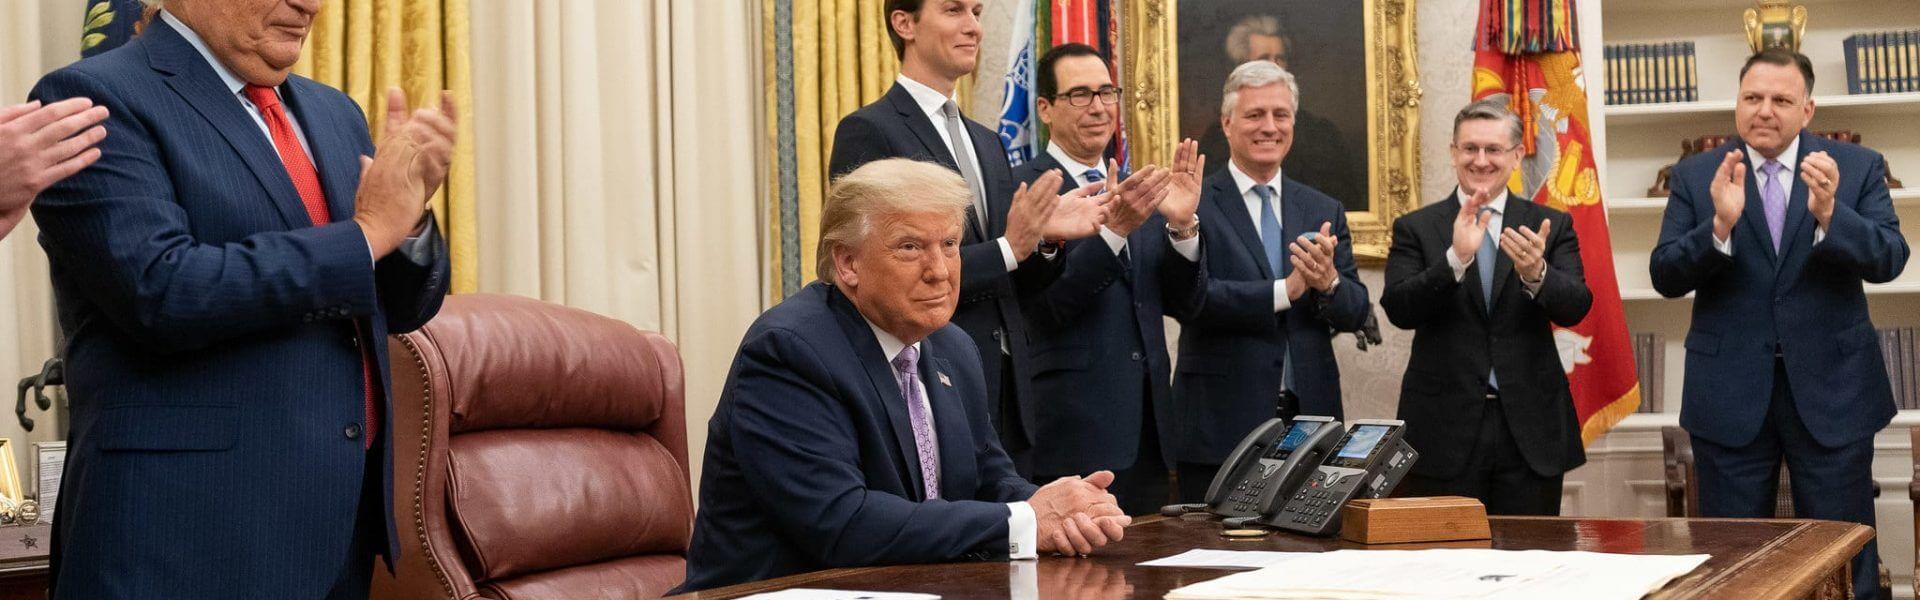 הנשיא טראמפ וצוותו הבכיר לאחר הצהרה על הסכם הנורמליזציה בין ישראל ואיחוד האמירויות בחדר הסגלגל בבית הלבן, 13 אוגוסט 2020